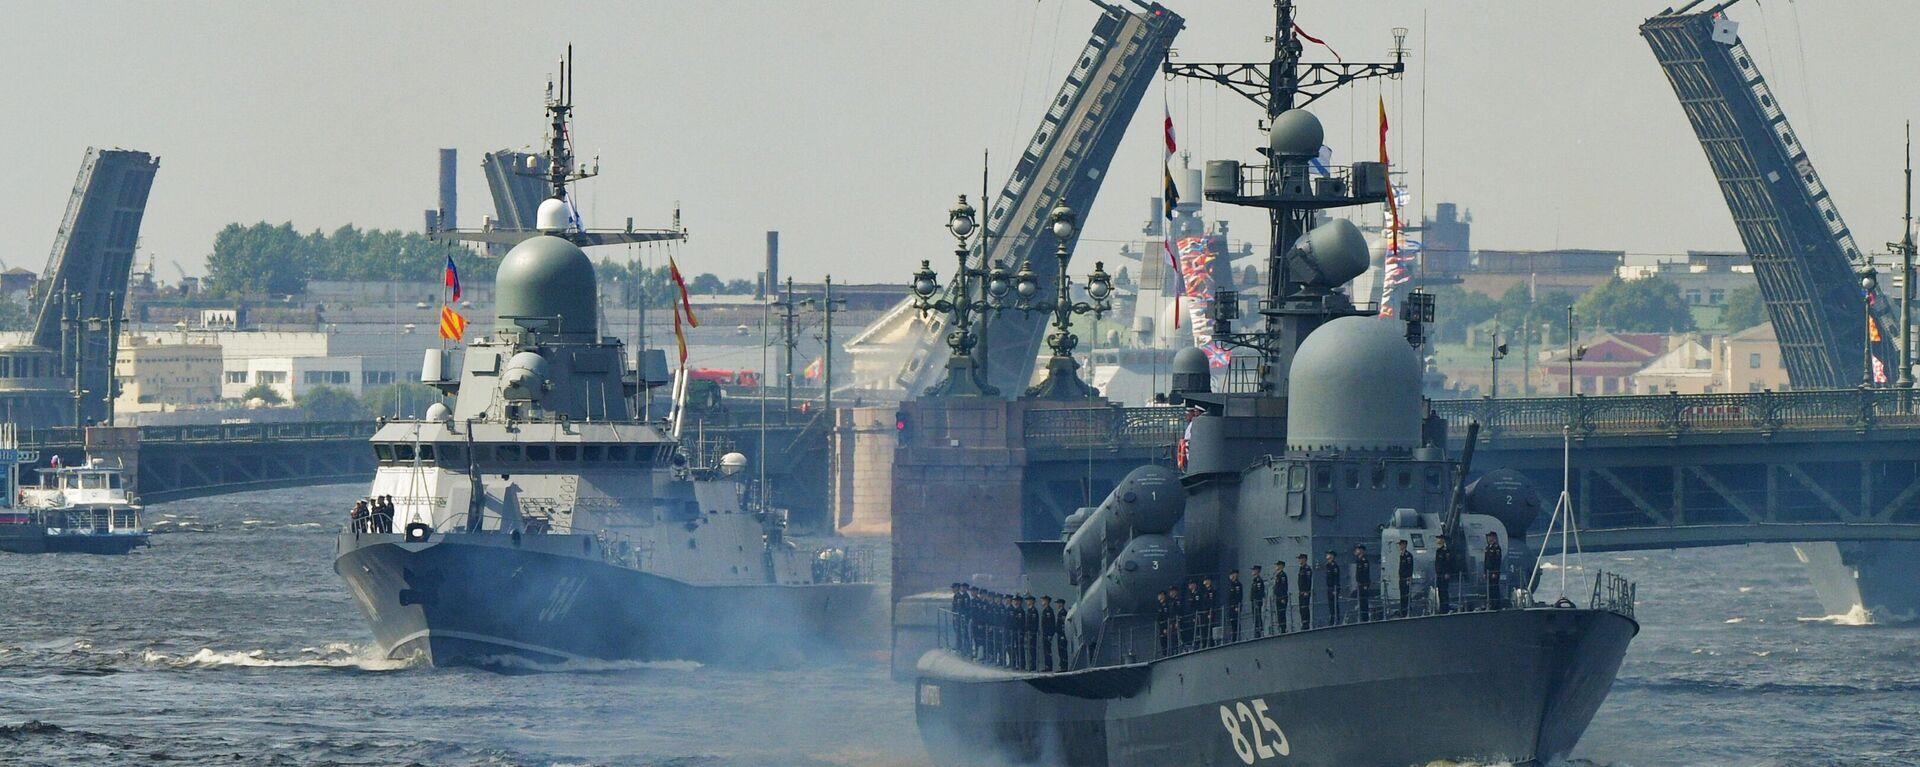 El ensayo del desfile naval con motivo del 325 aniversario de la Armada de Rusia en San Petersburgo - Sputnik Mundo, 1920, 25.07.2021